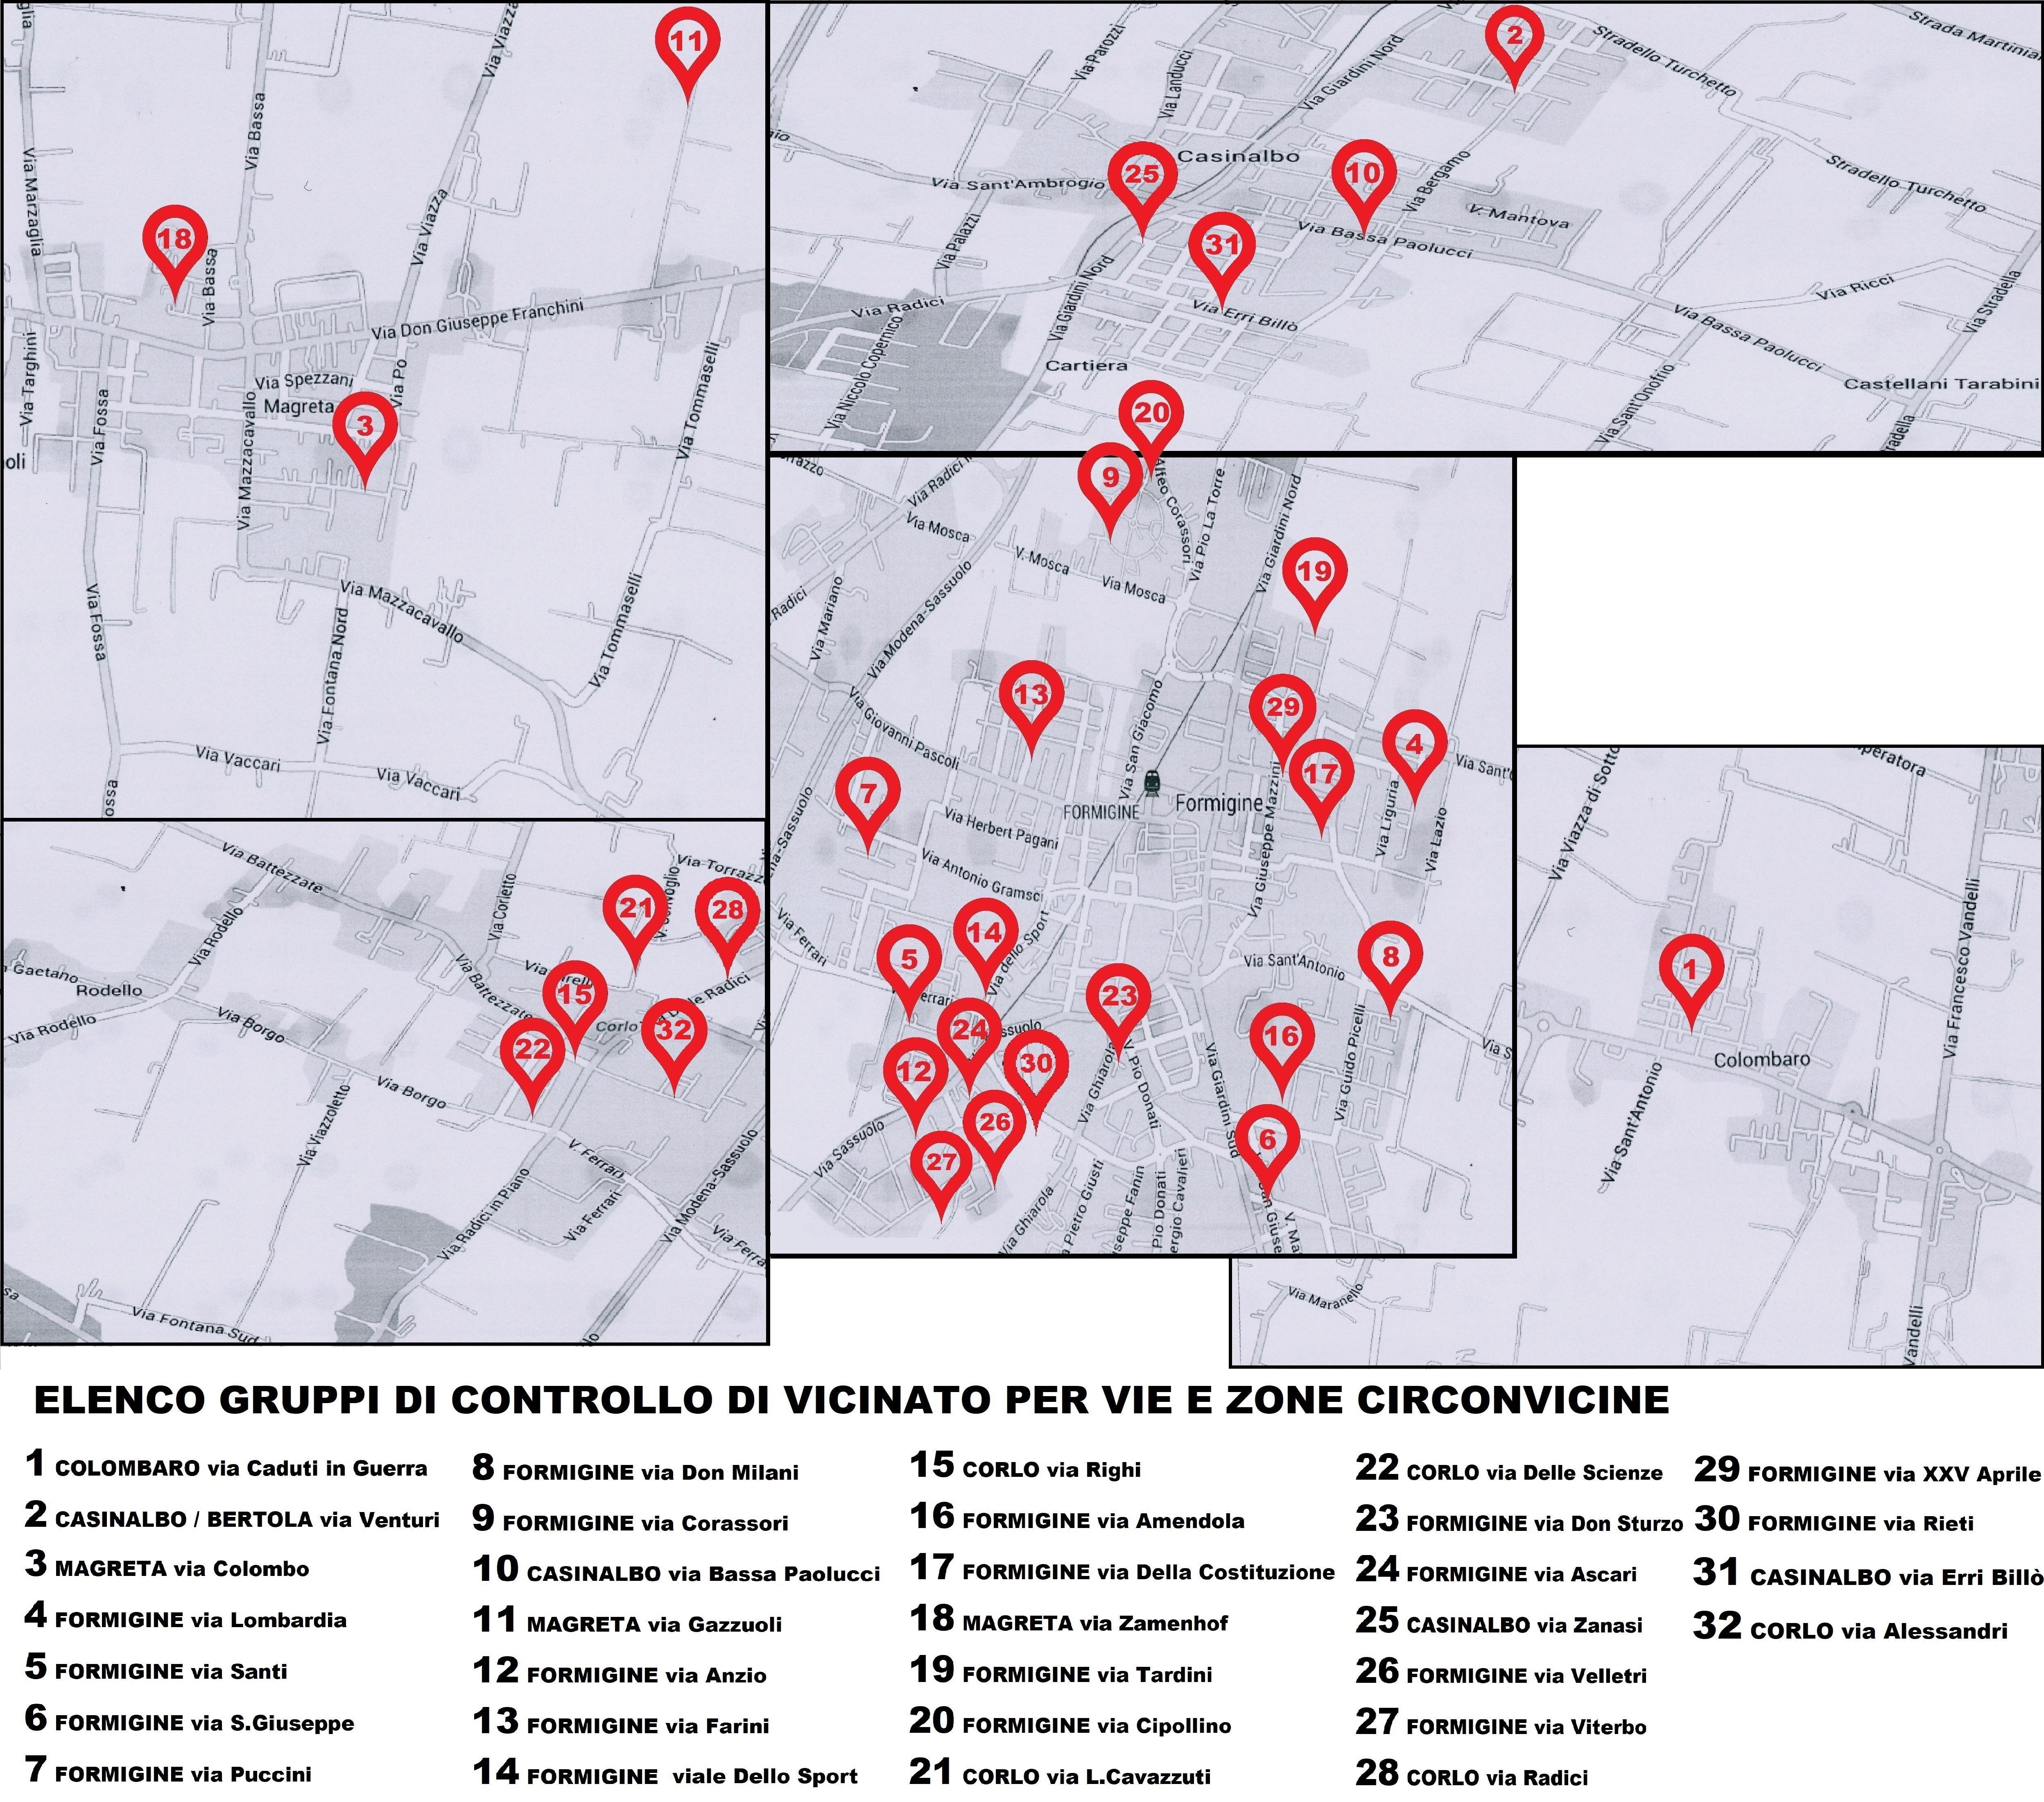 Mappa dei gruppi di controllo di vicinato per vie e zone circonvicine